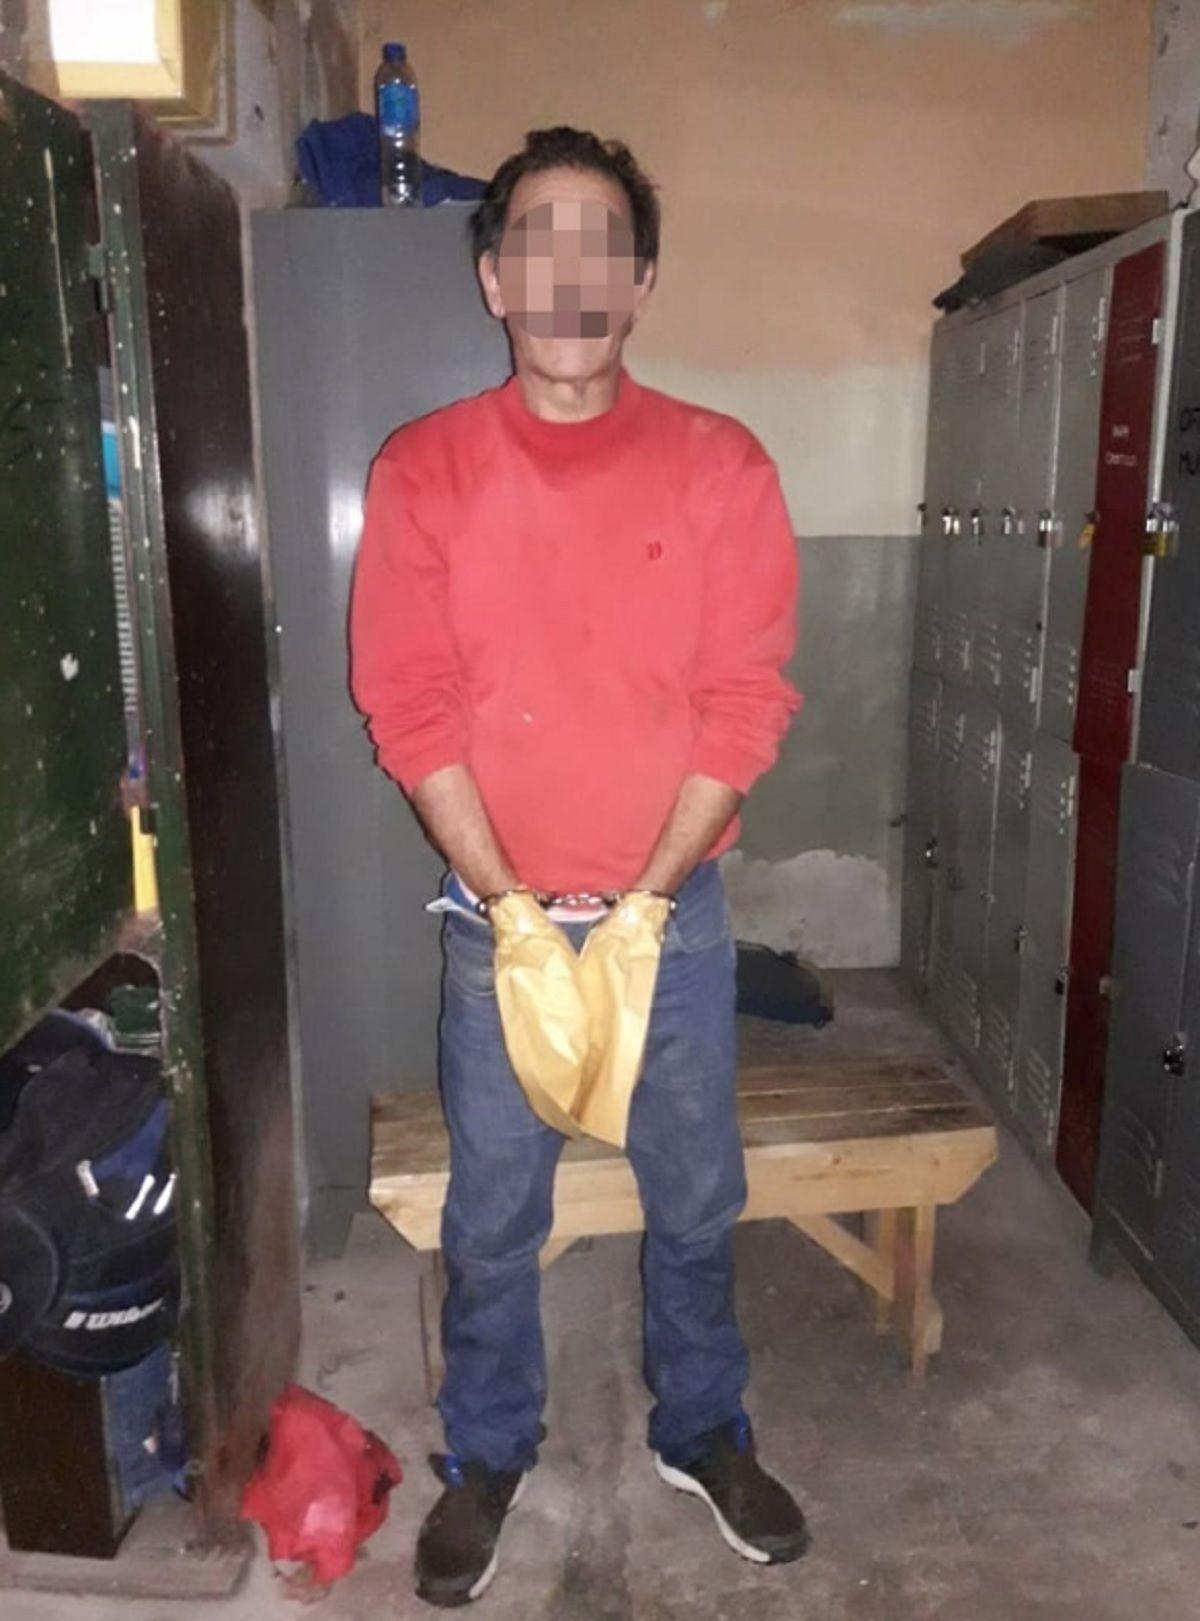 Femicidio en la puerta de una fiesta de 15: se ocultó detrás de una planta y cuando la vio llegar le disparó en la cabeza